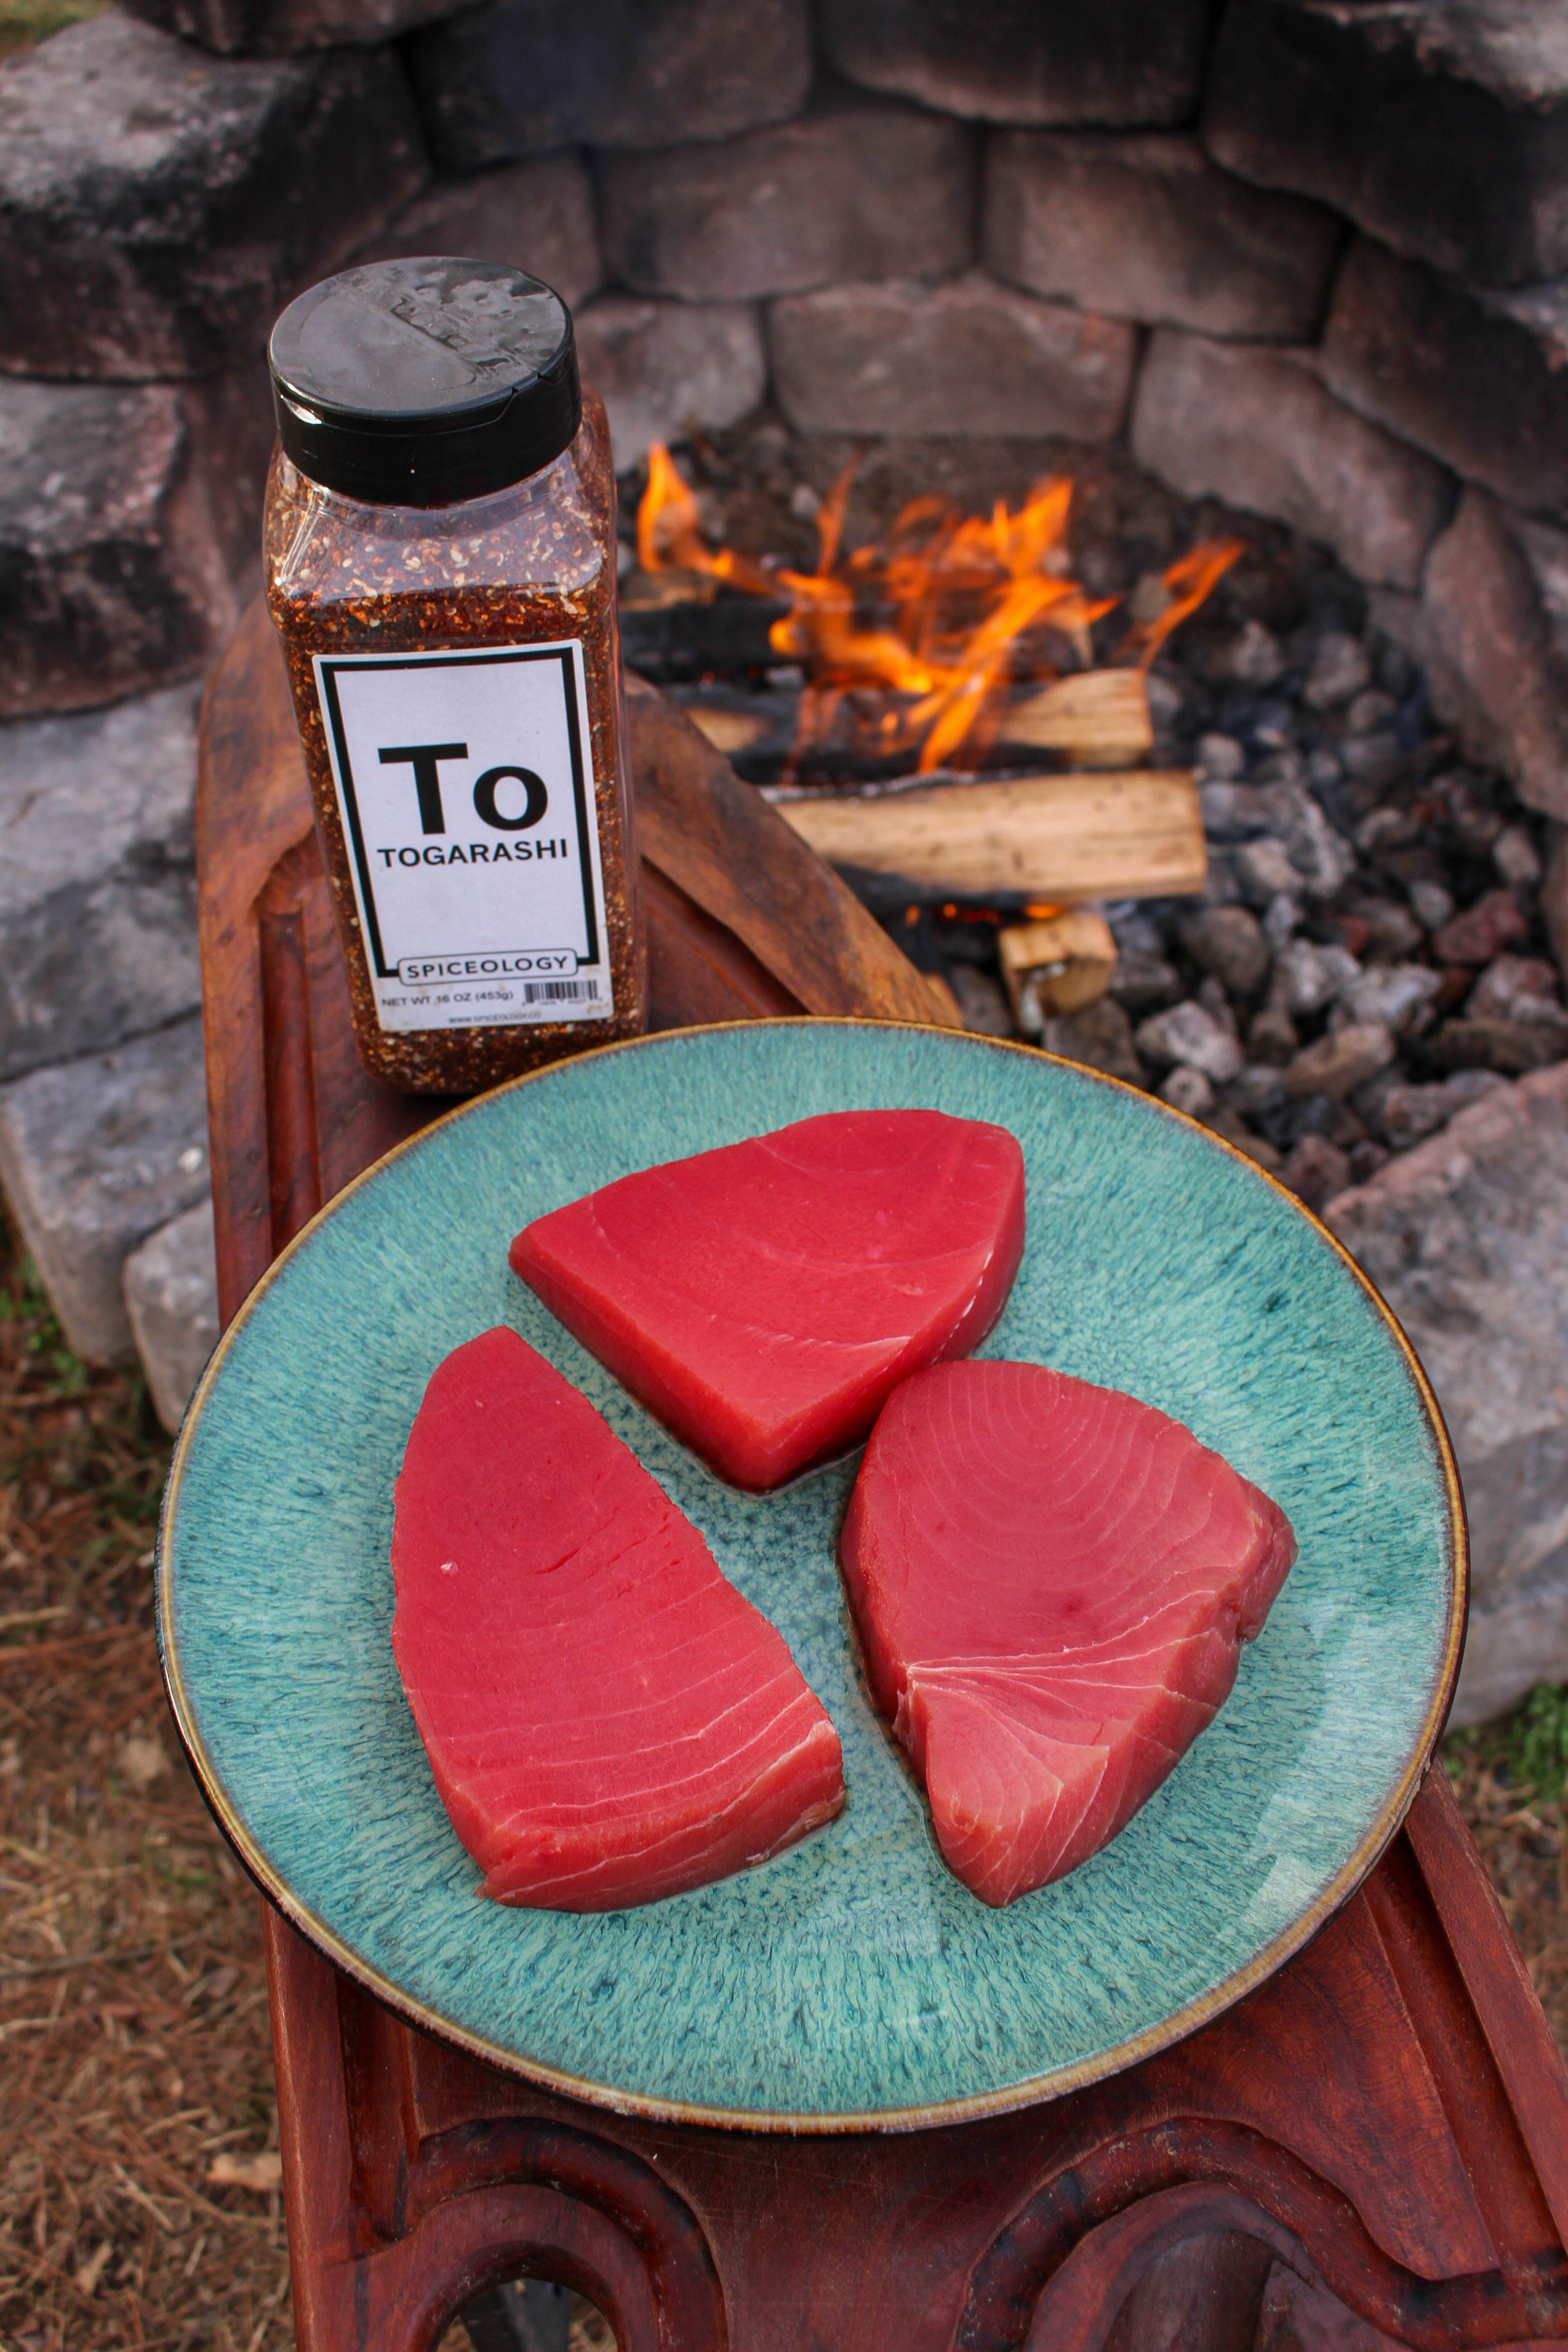 ogarashi Seared Tuna with Wasabi Avocado Sauce